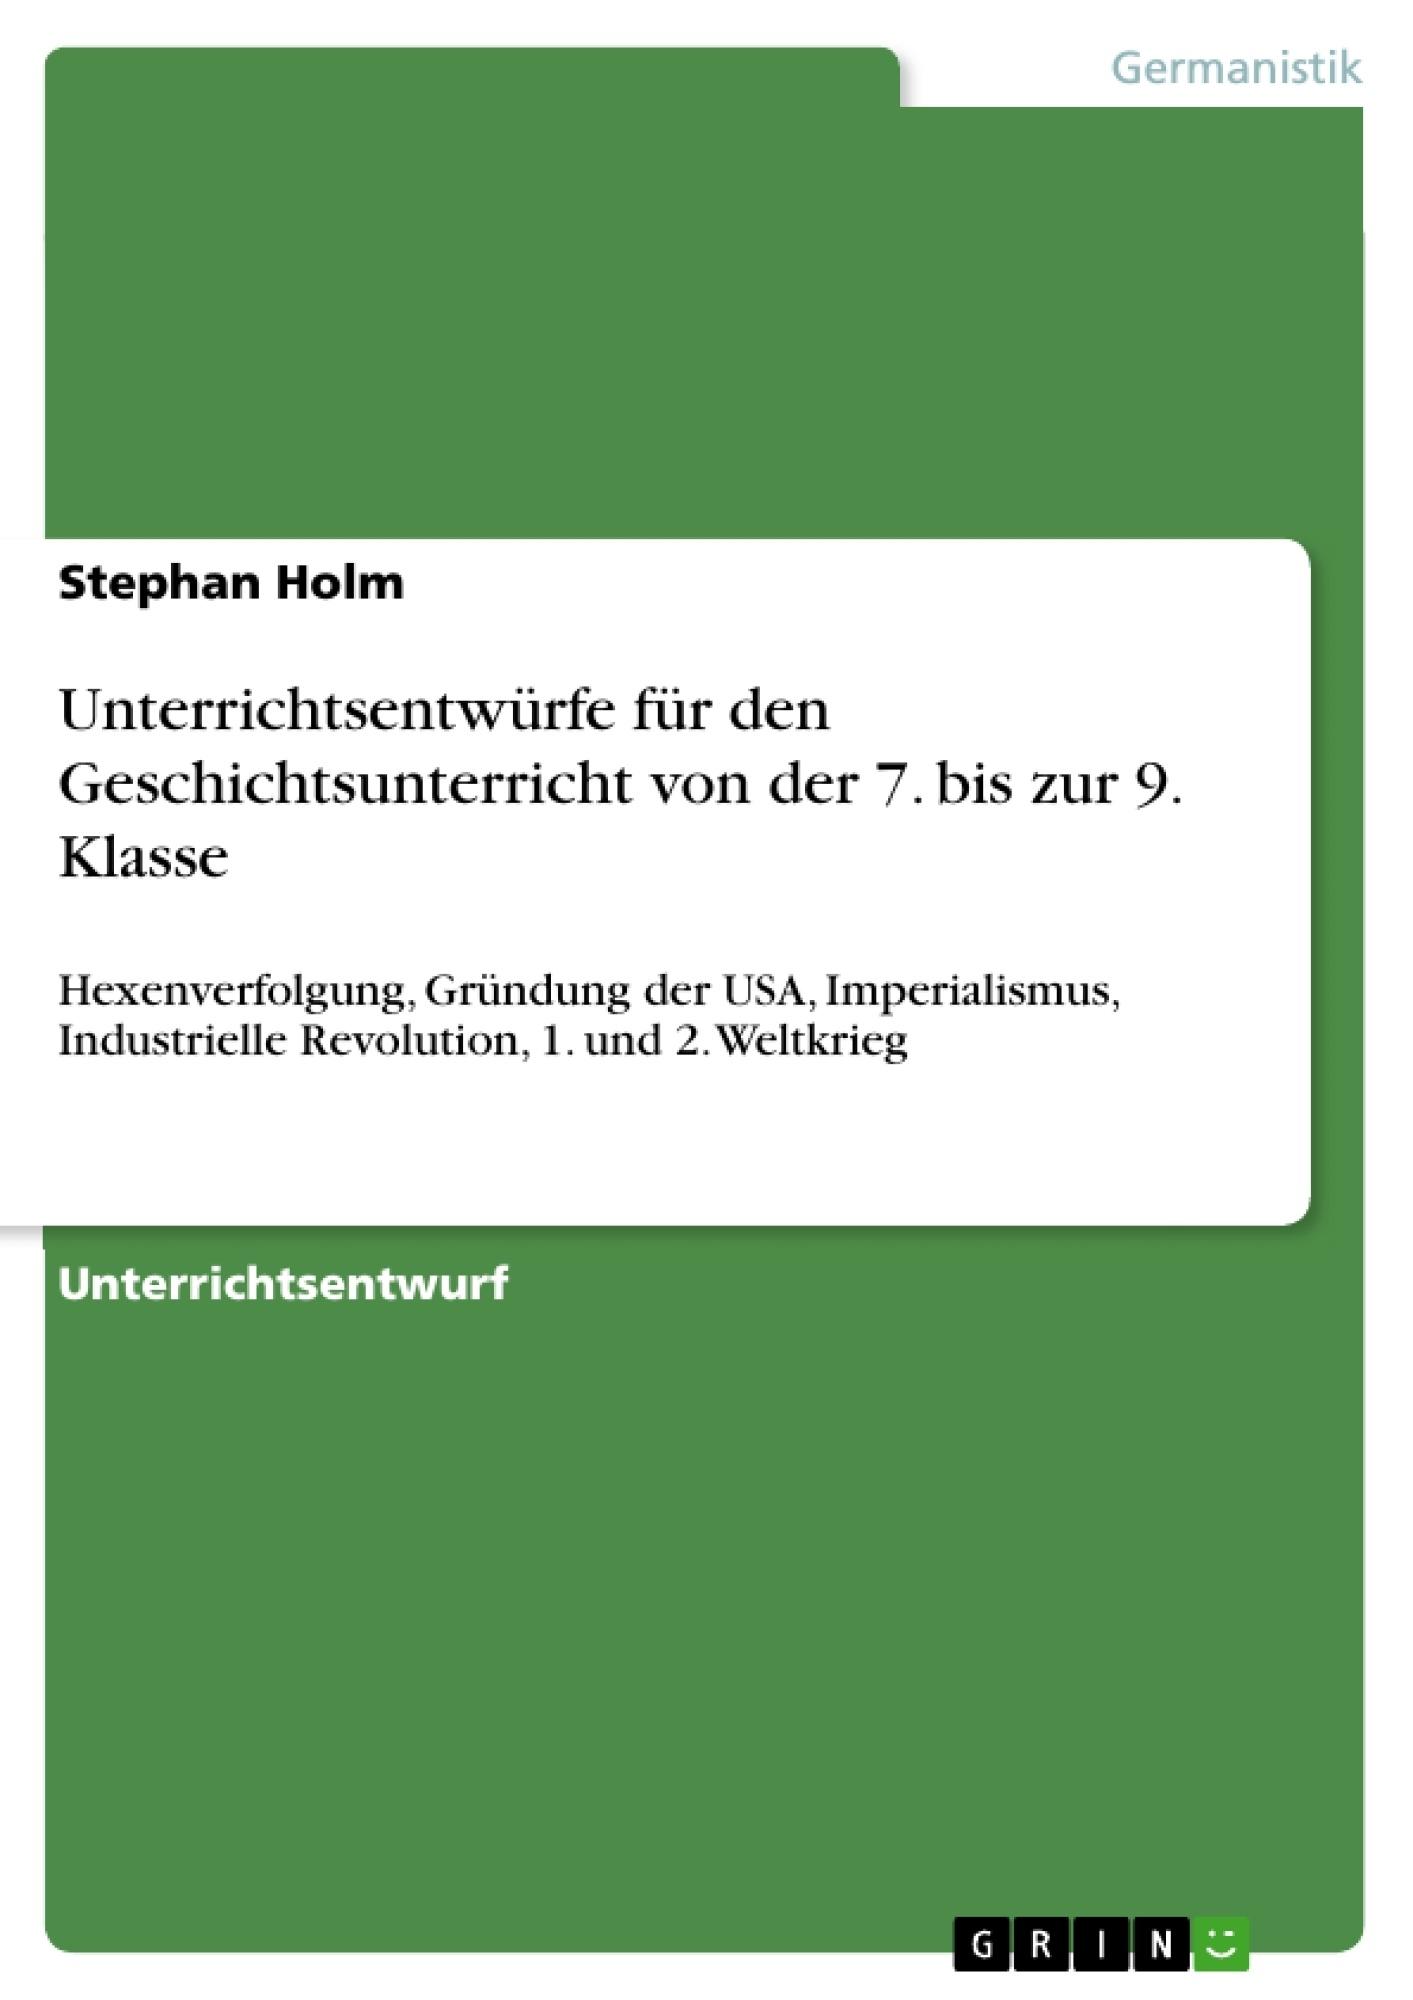 Titel: Unterrichtsentwürfe für den Geschichtsunterricht von der 7. bis zur 9. Klasse